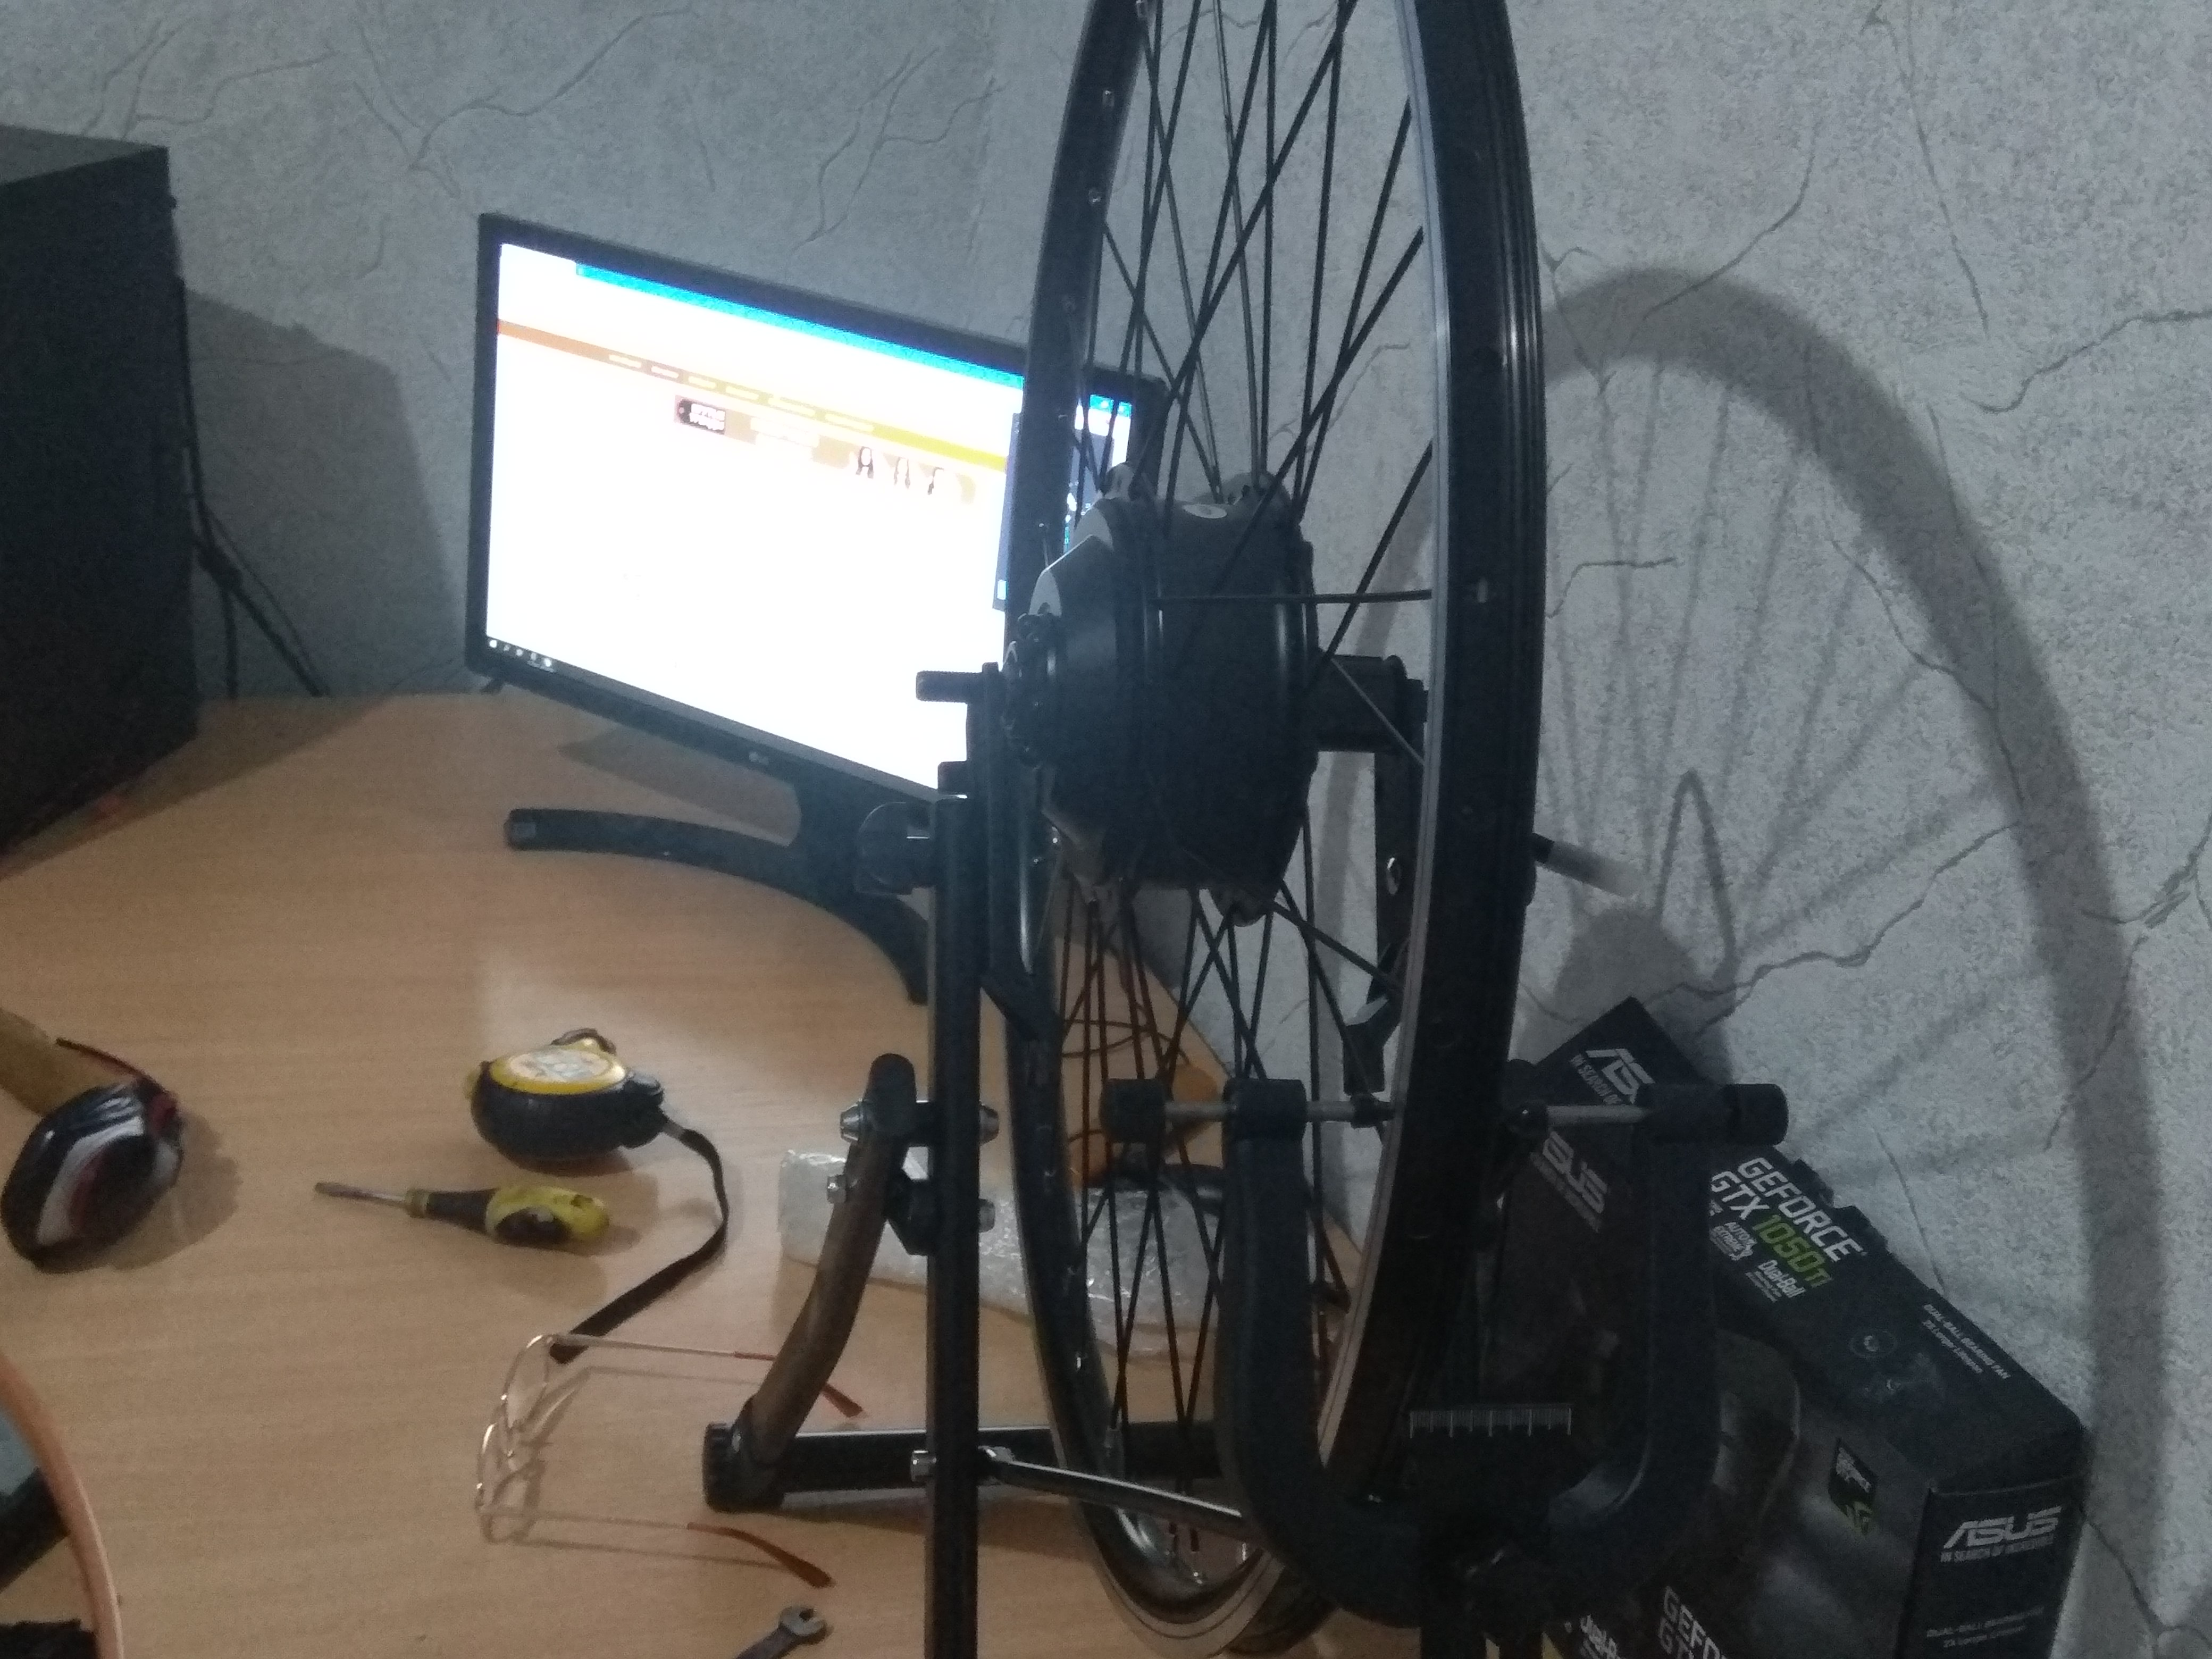 Ferramentas p/ reparo de bicicletas reparo bicicleta truing